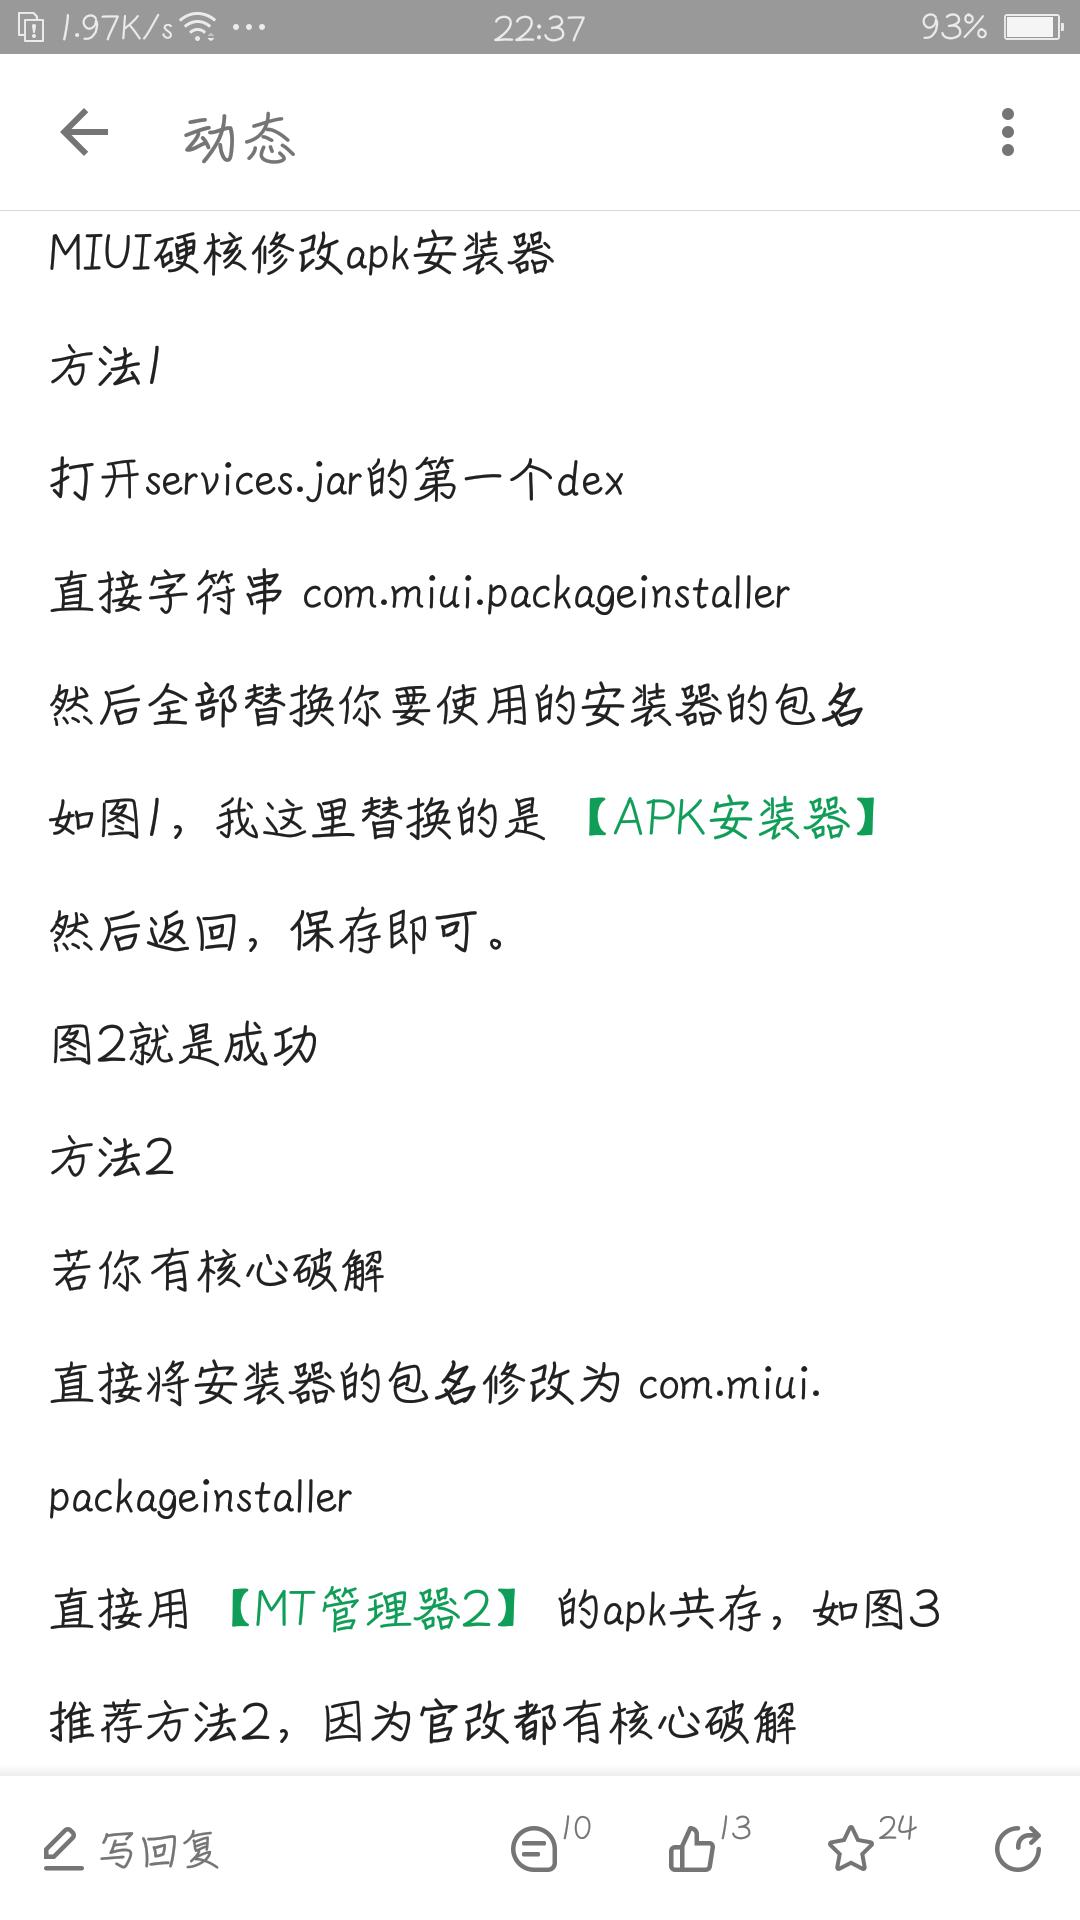 「分享」APK安装器 2.3